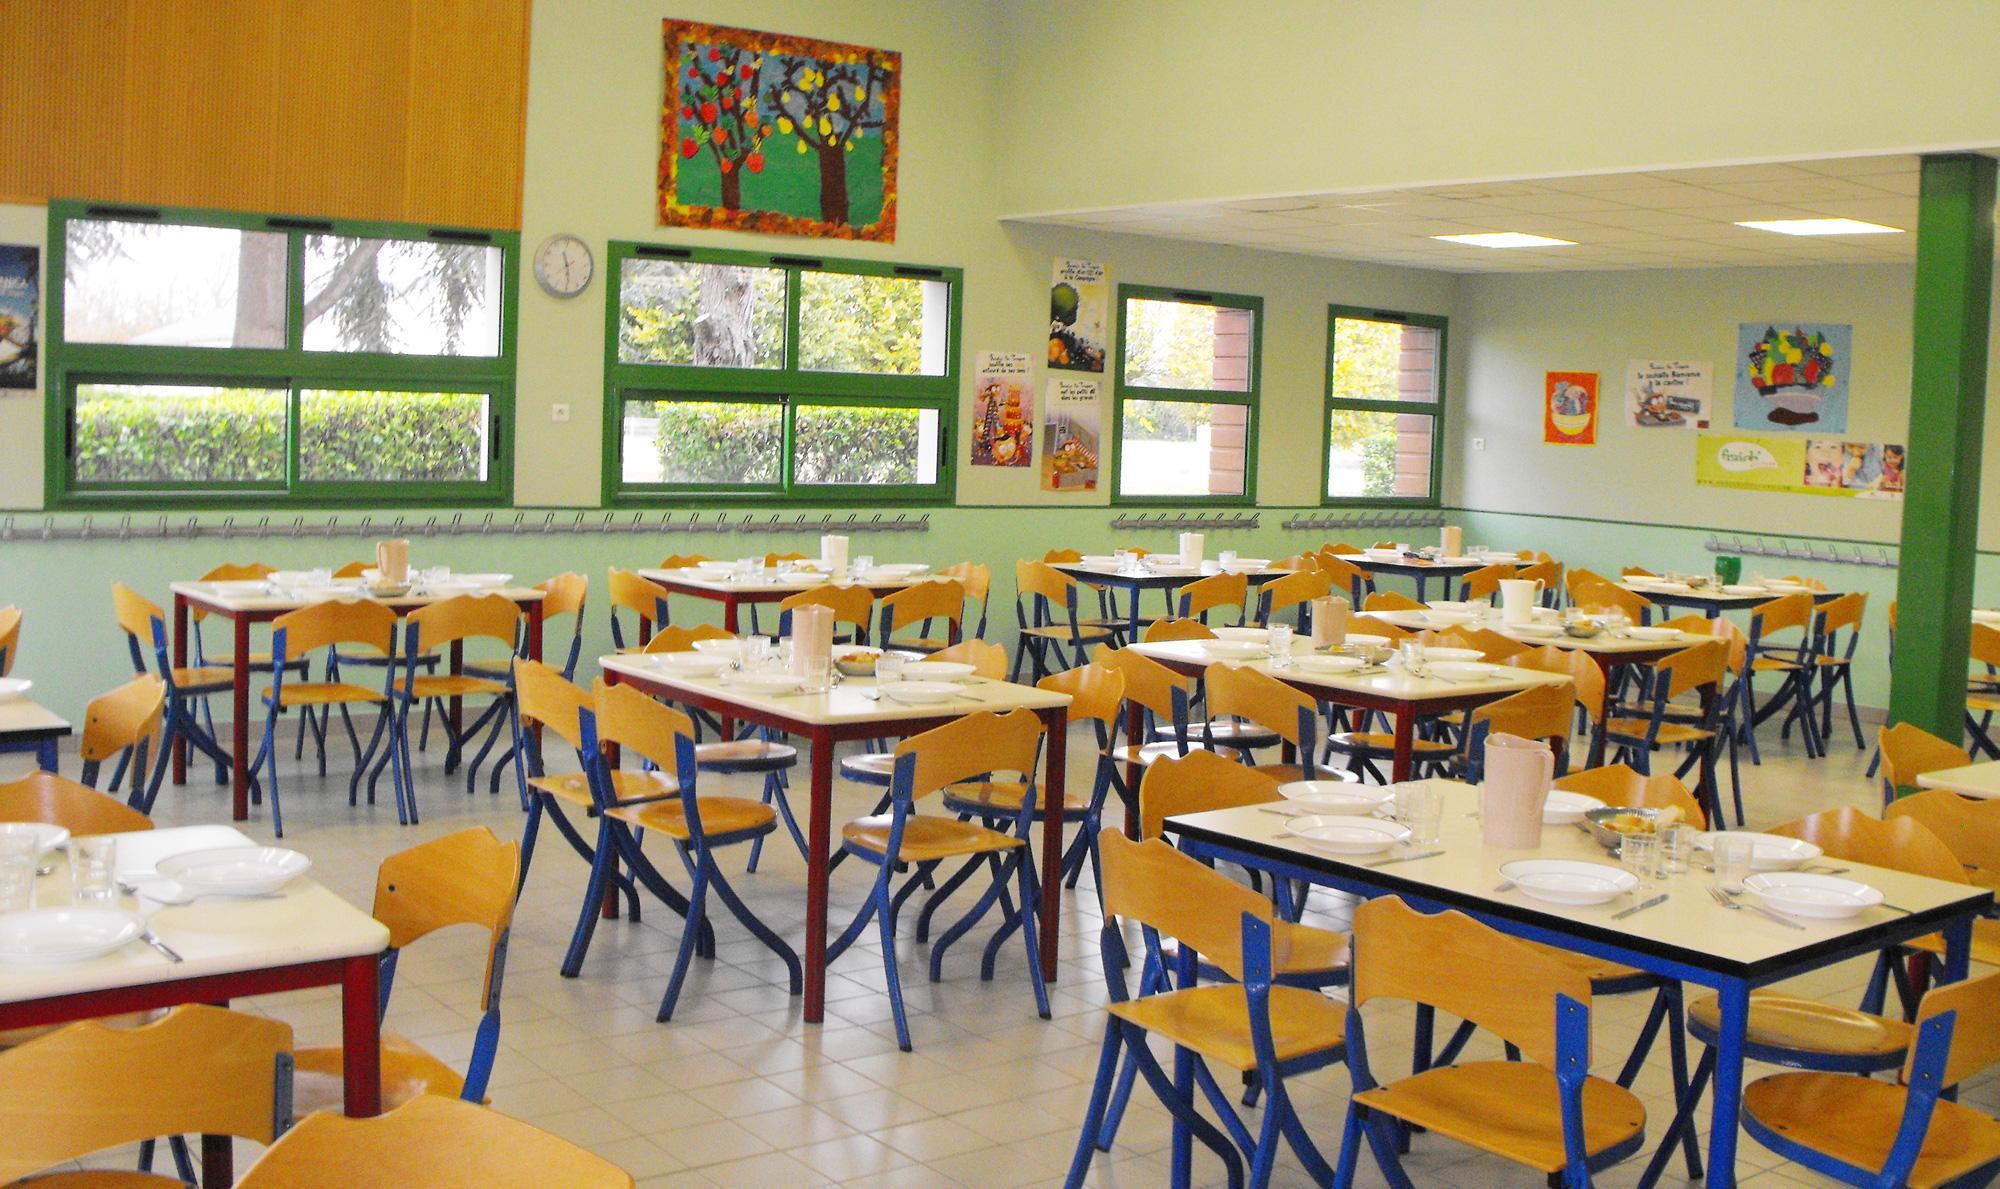 Restauration scolaire de l'école publique, Les Moisillons, de Noyant